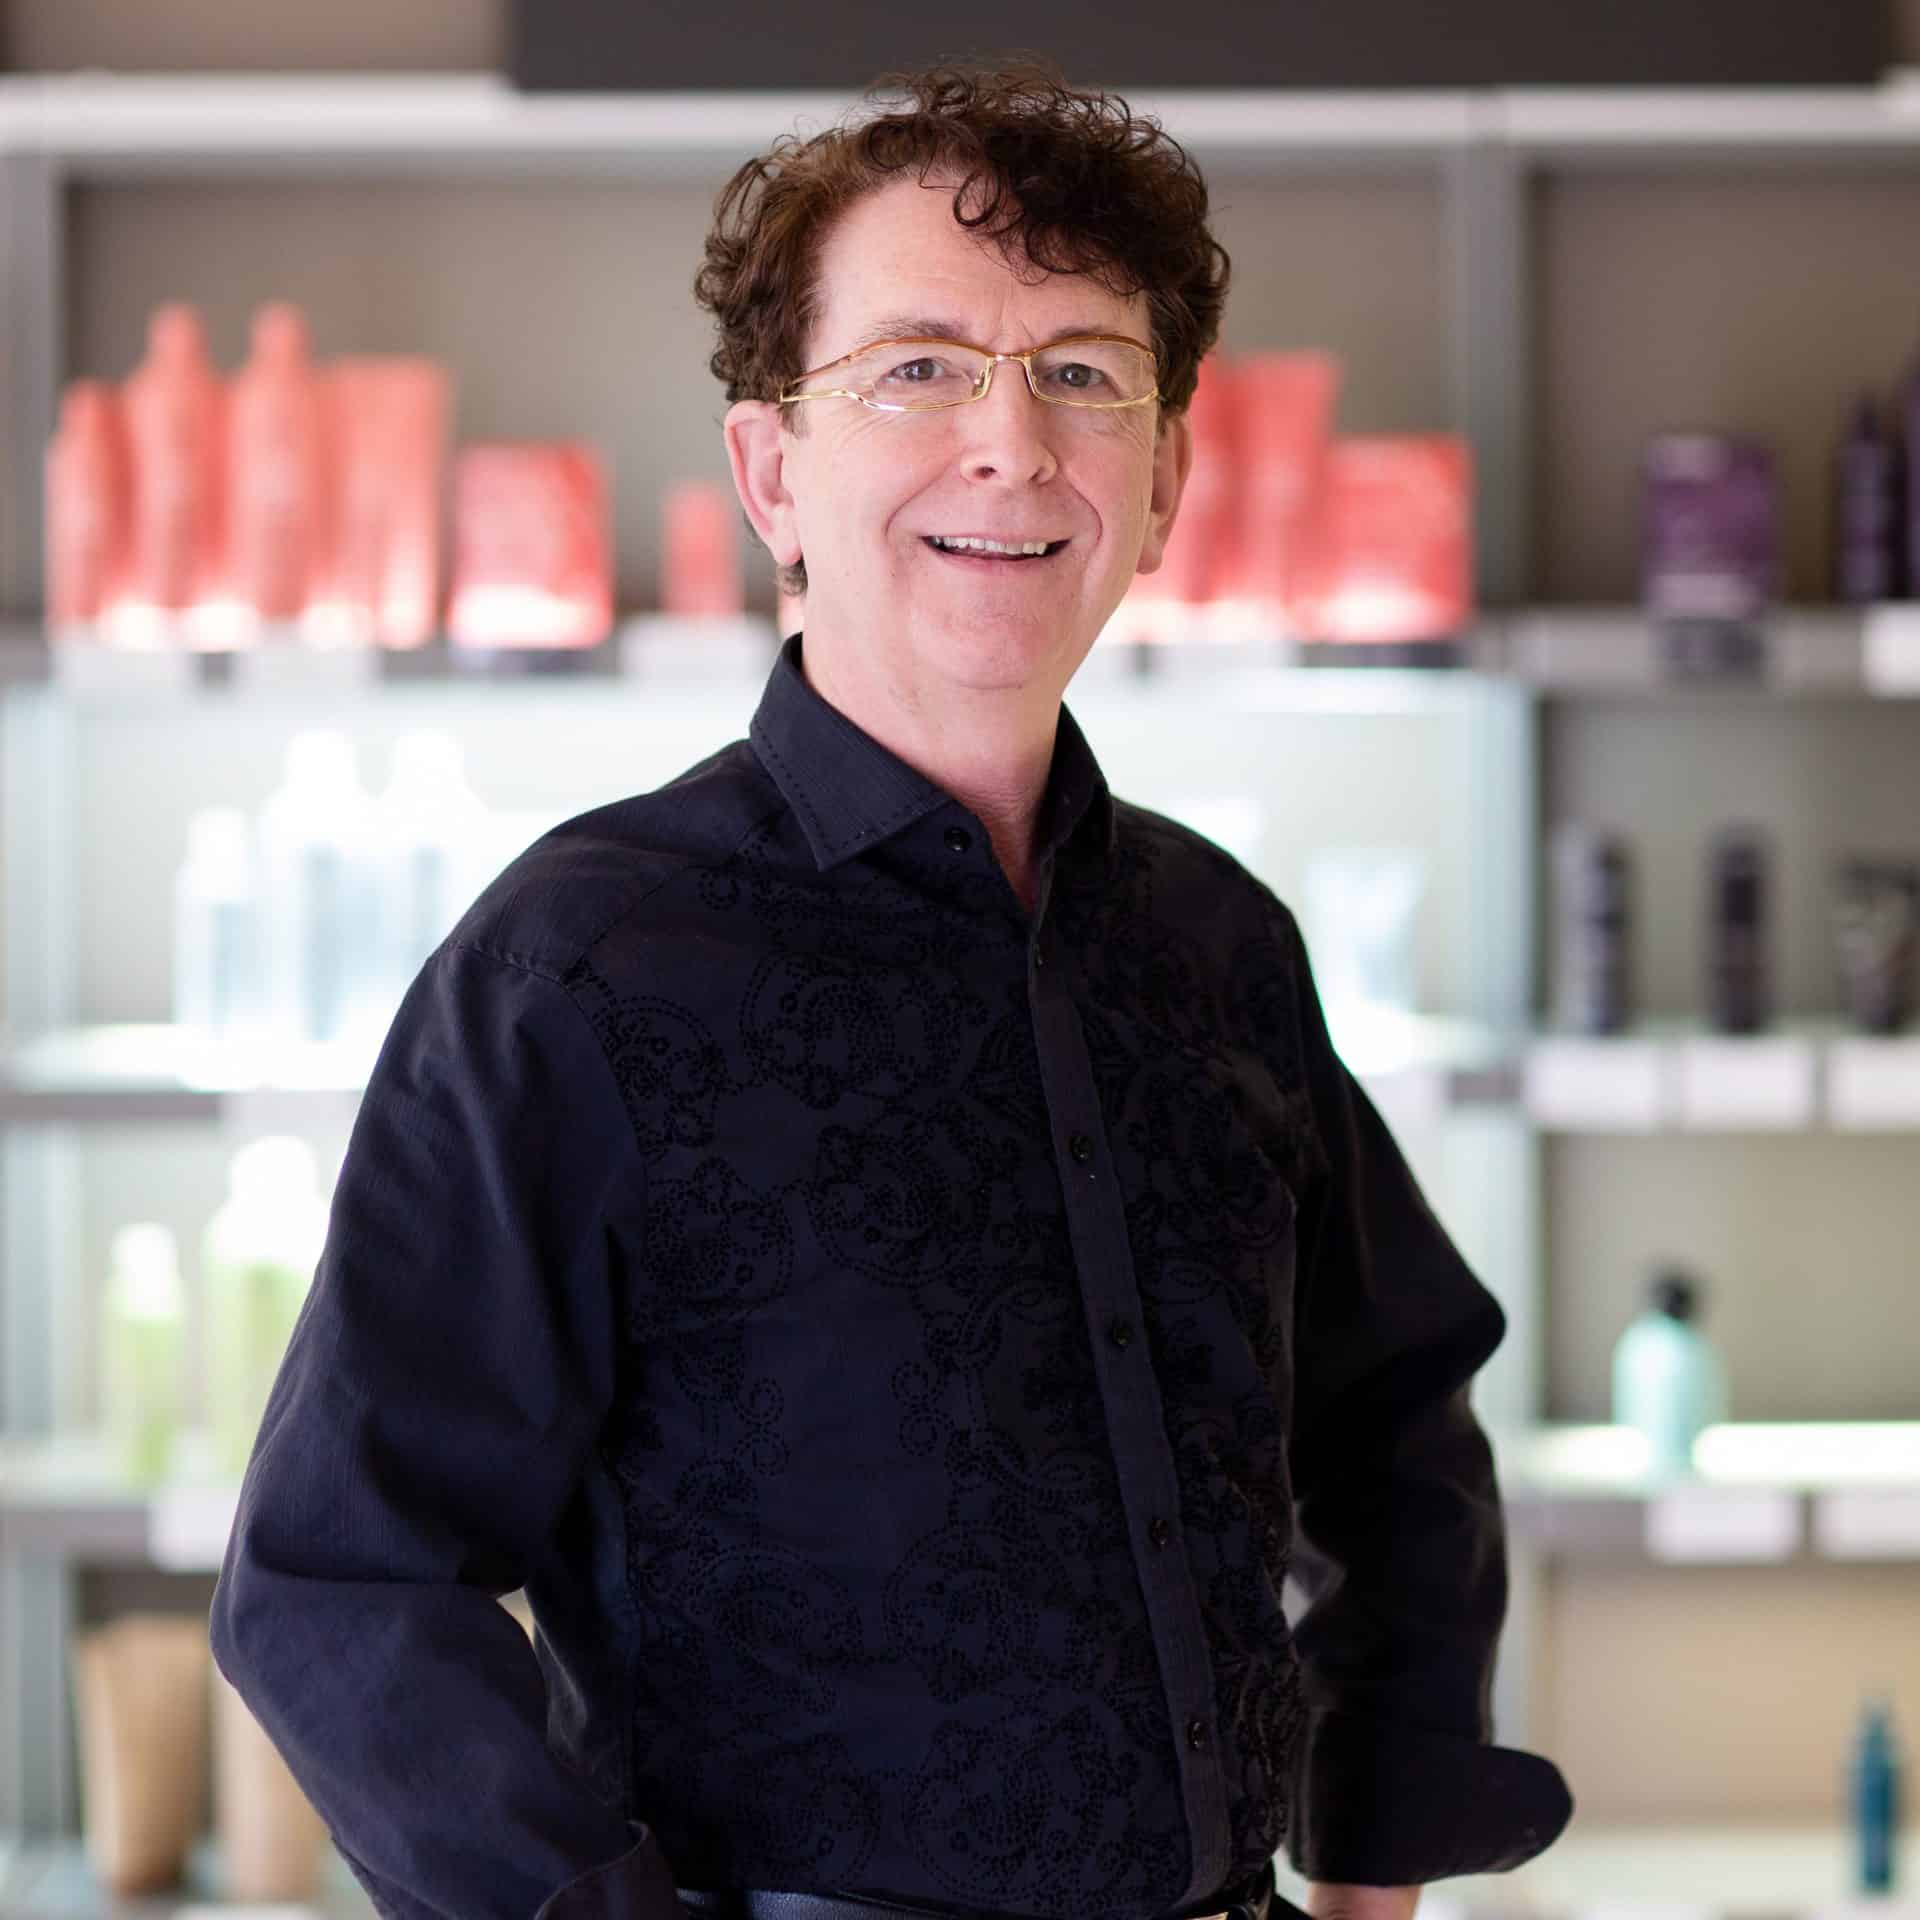 Alan Loucks